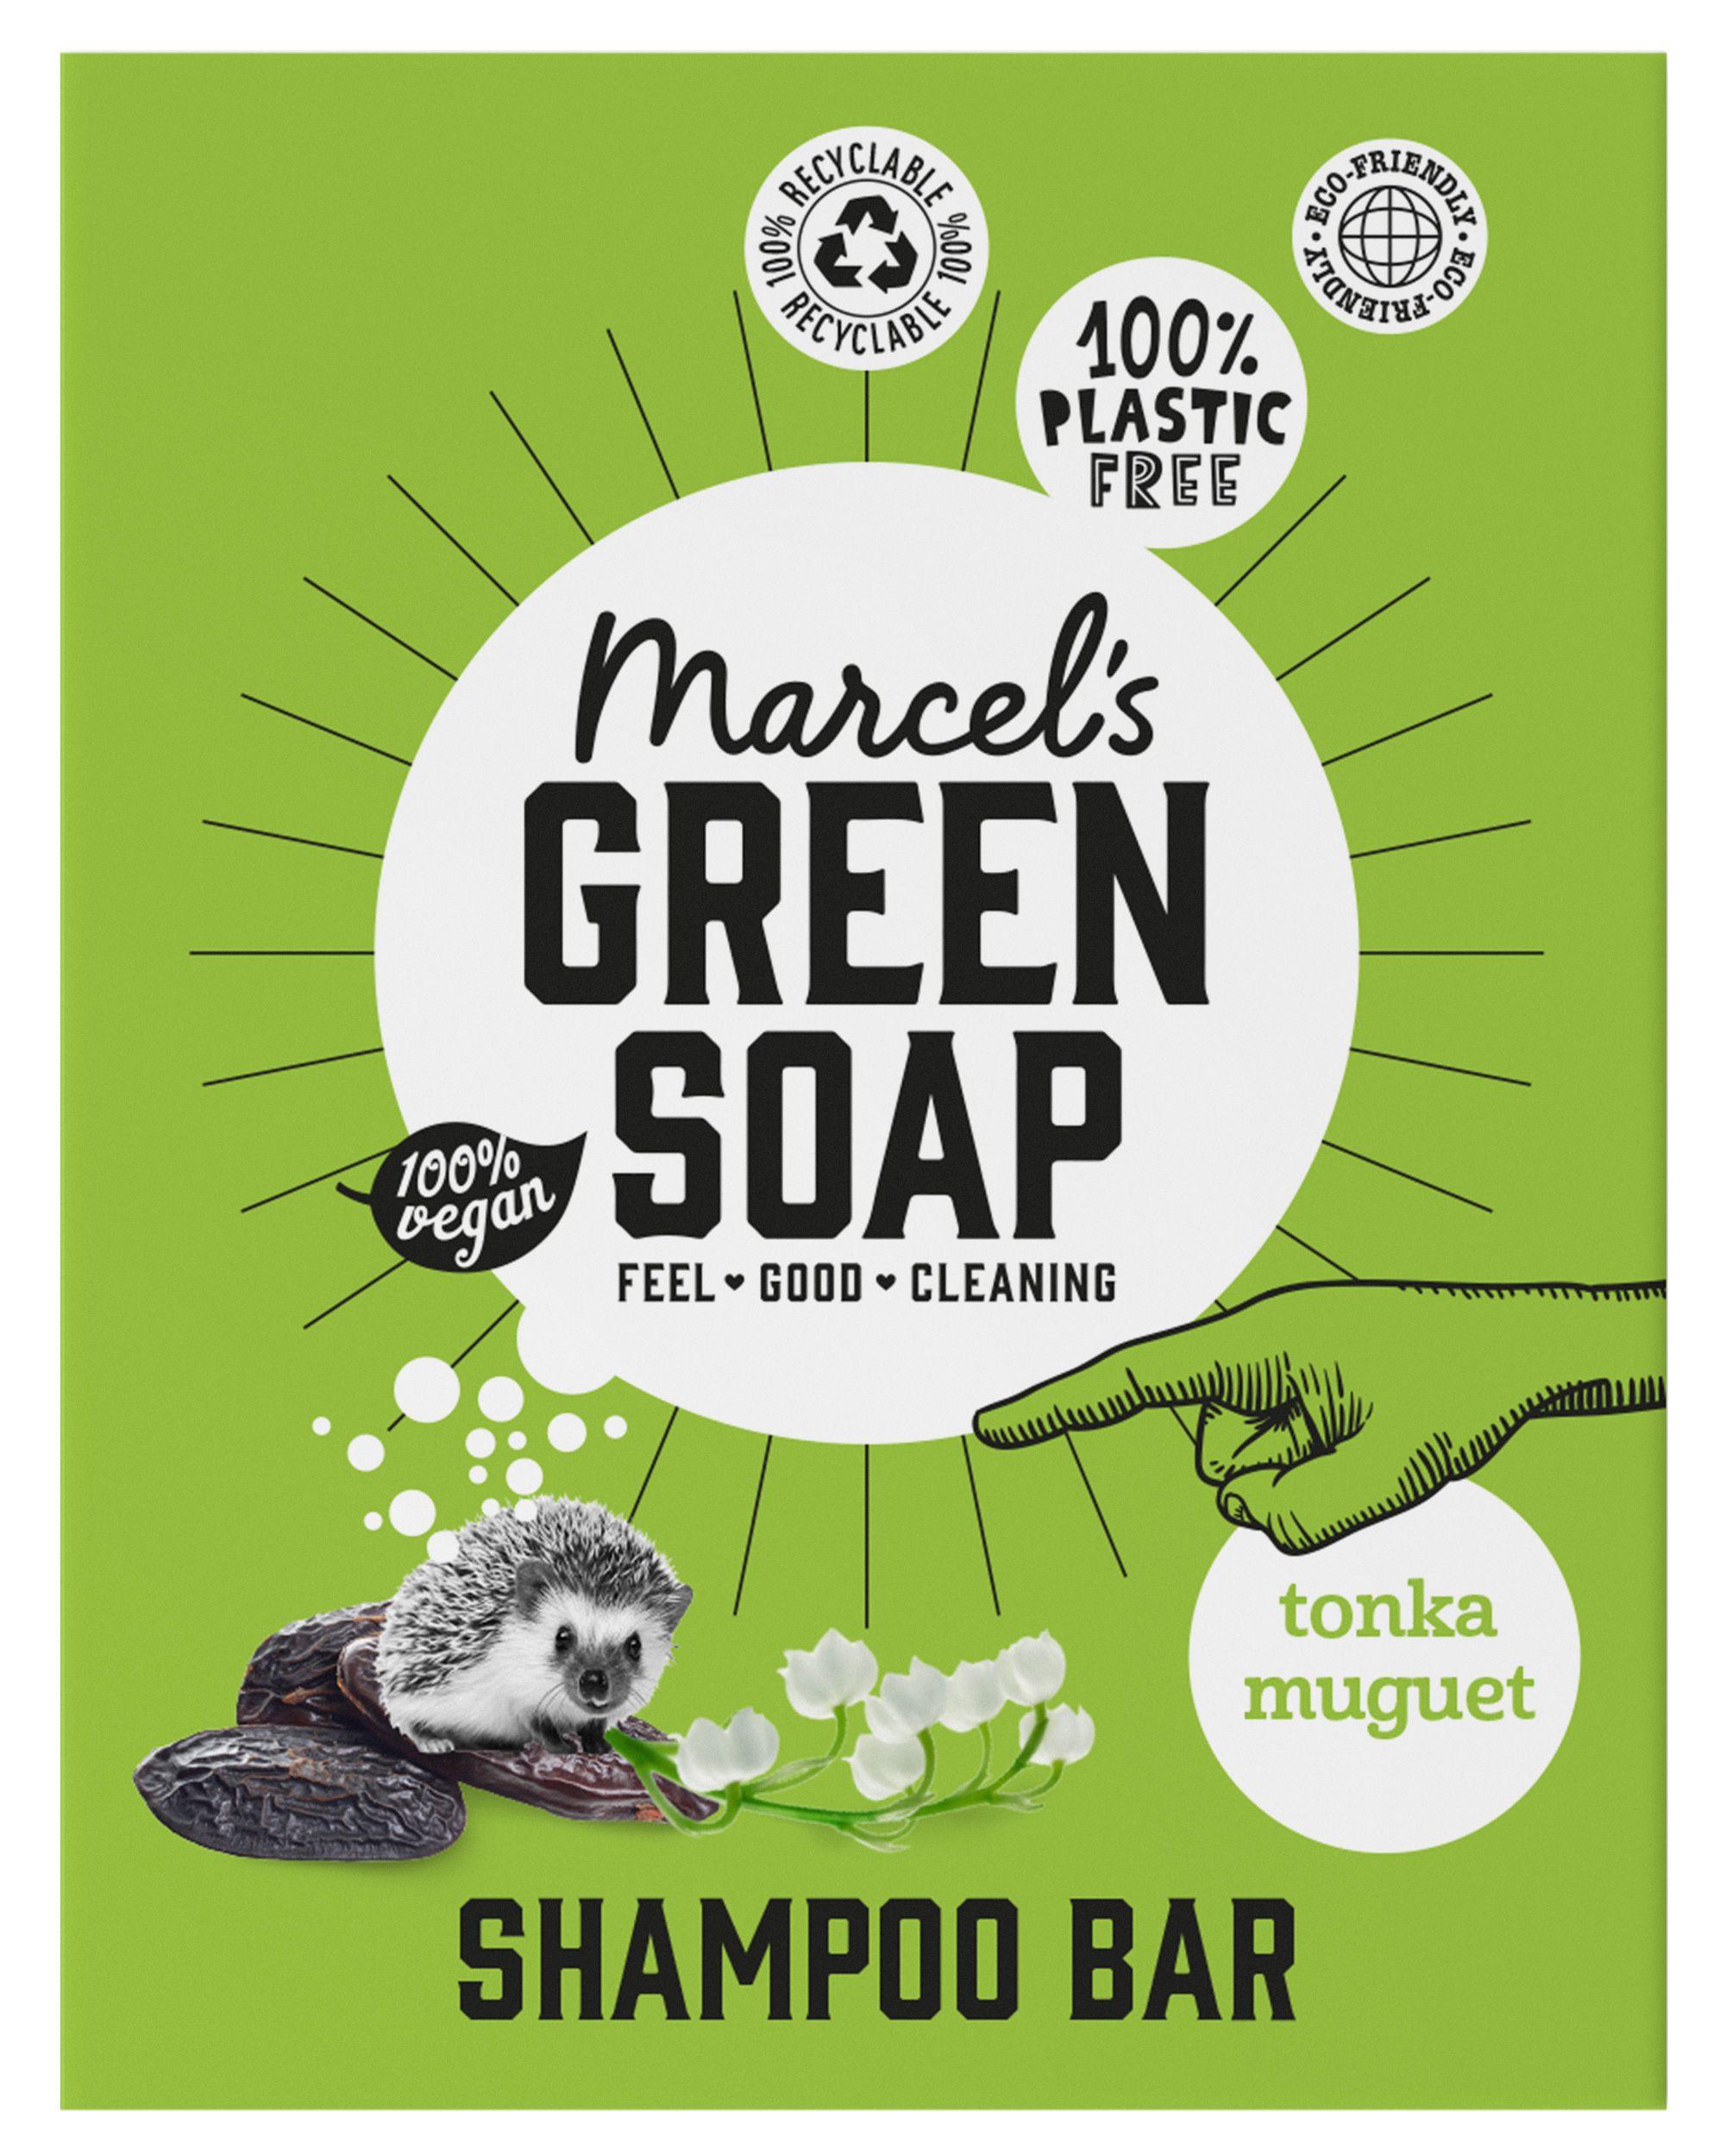 Shampoo Bar Tonka & Muguet, 90g